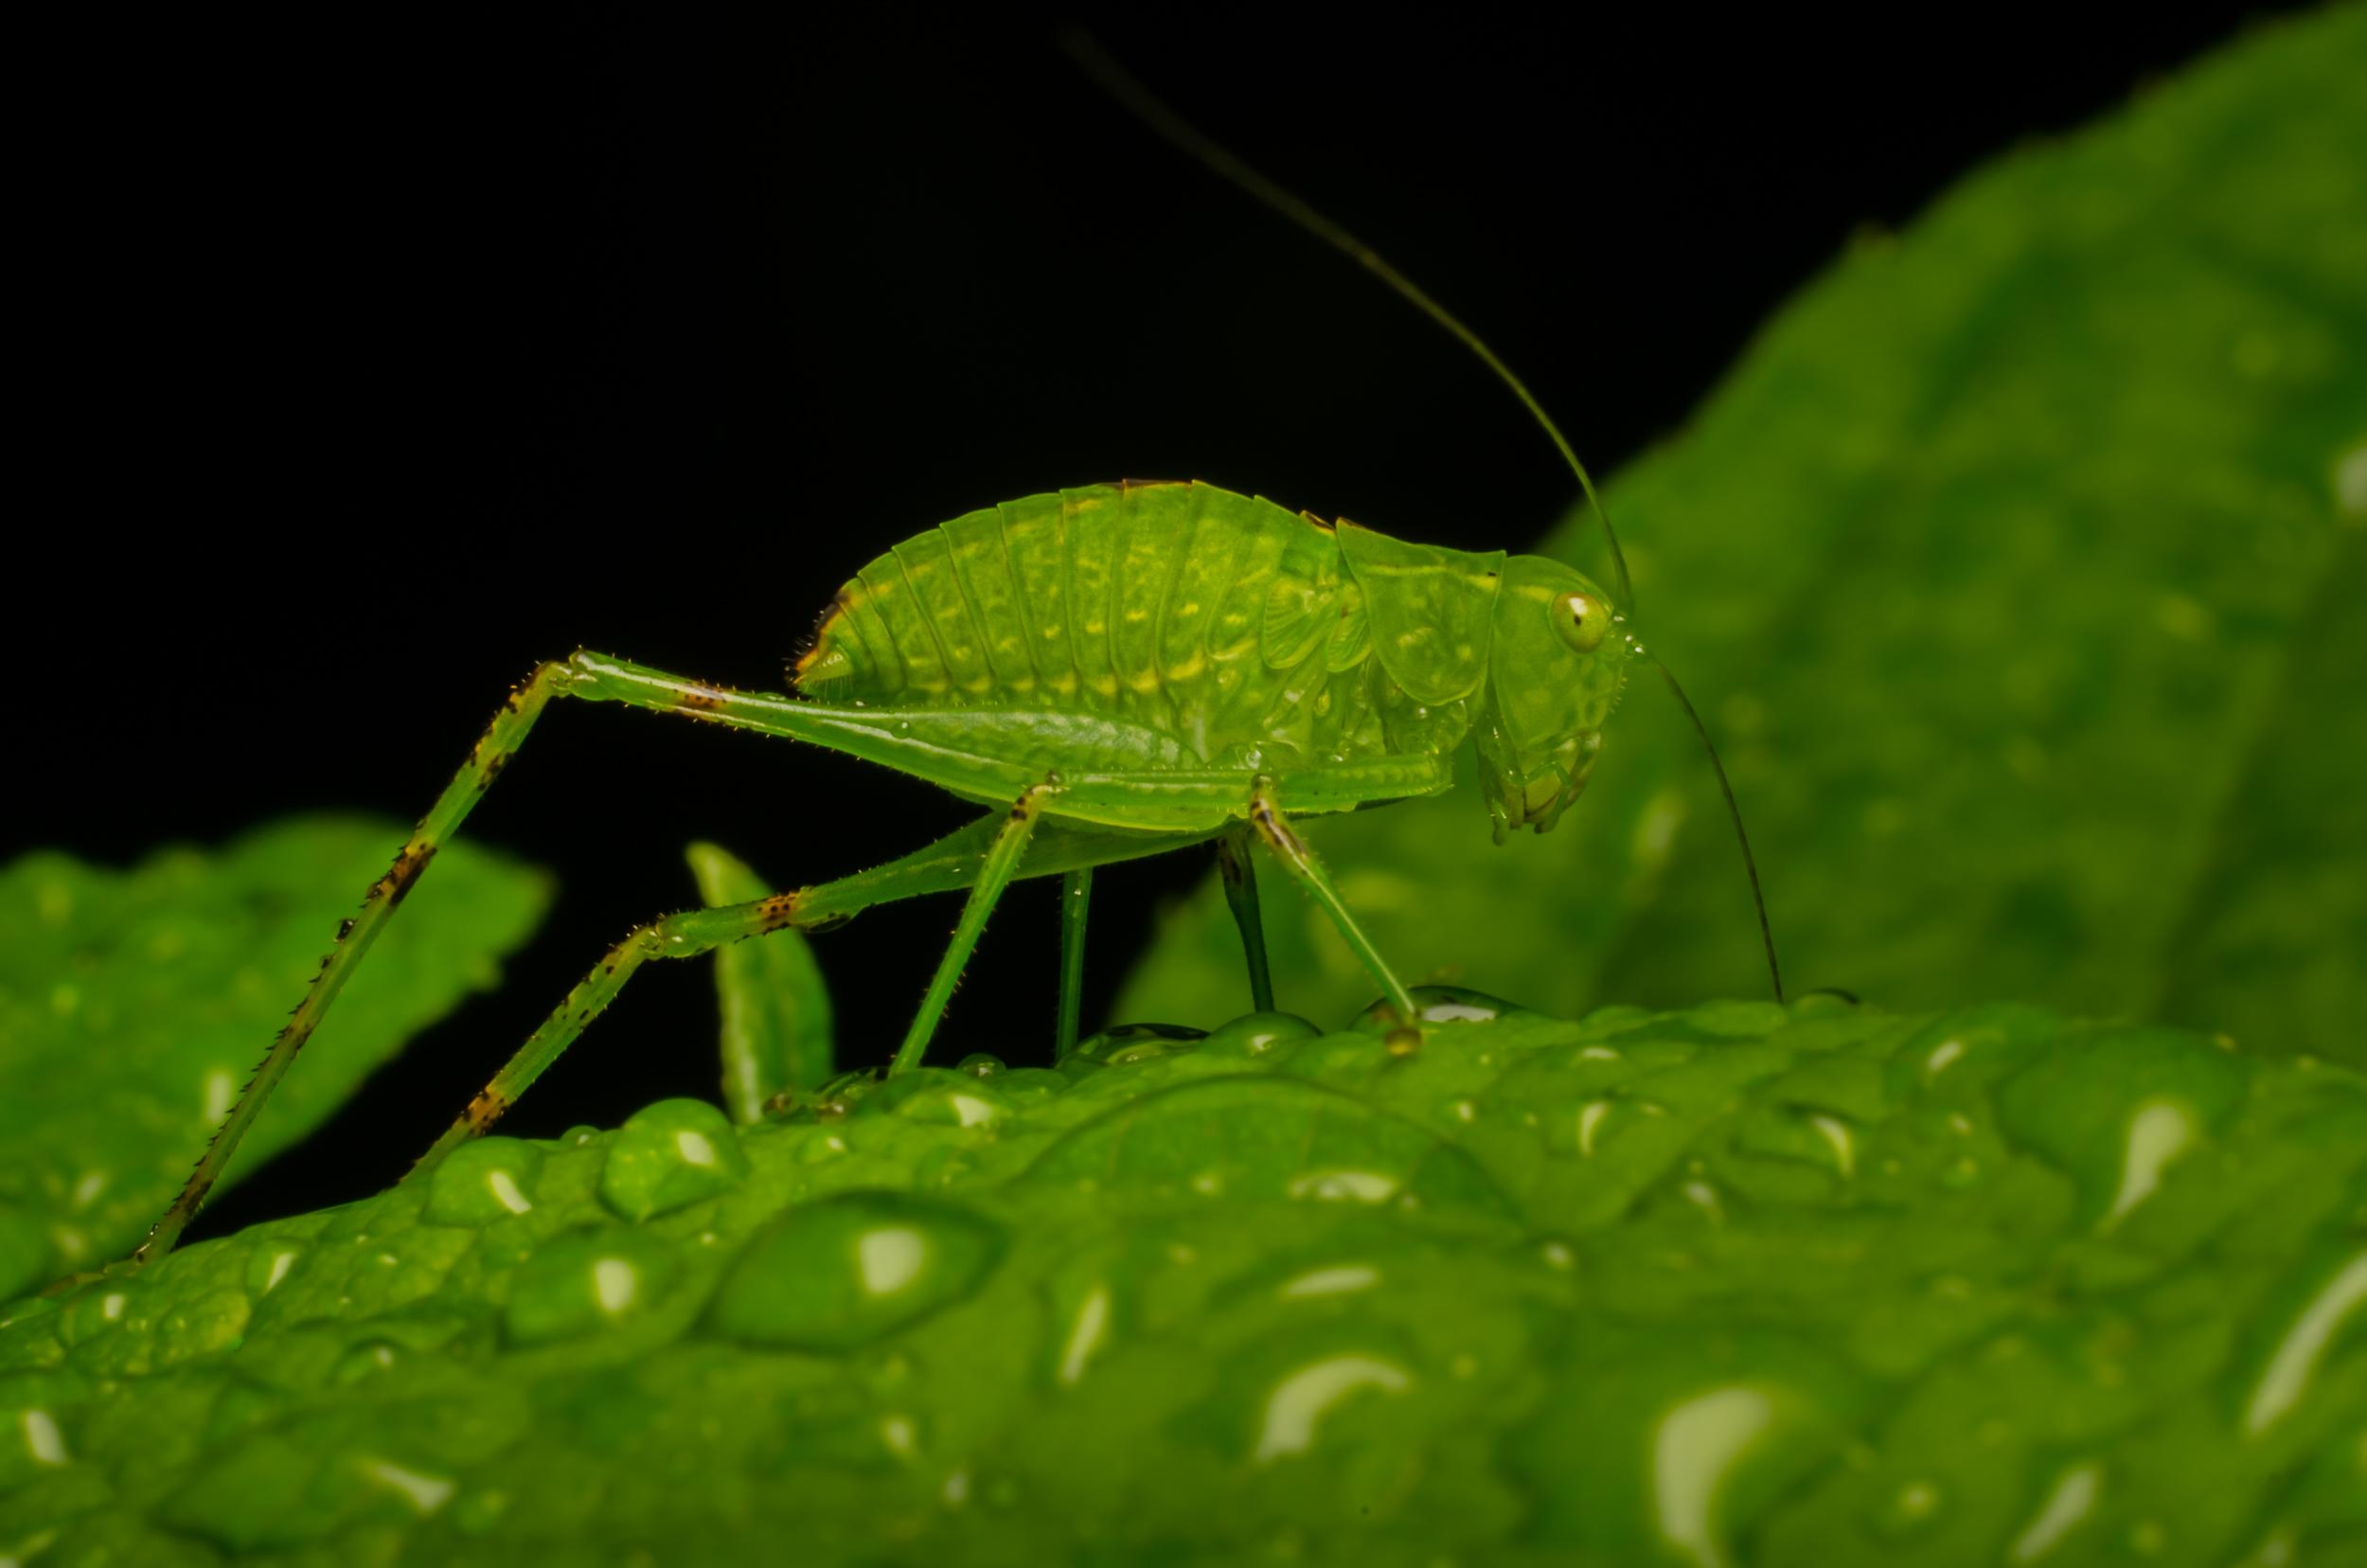 Katydid ( Tettigoniidae Famiy ) Nikon D7000 ISO 200 50mm f/11 1/250 sec.